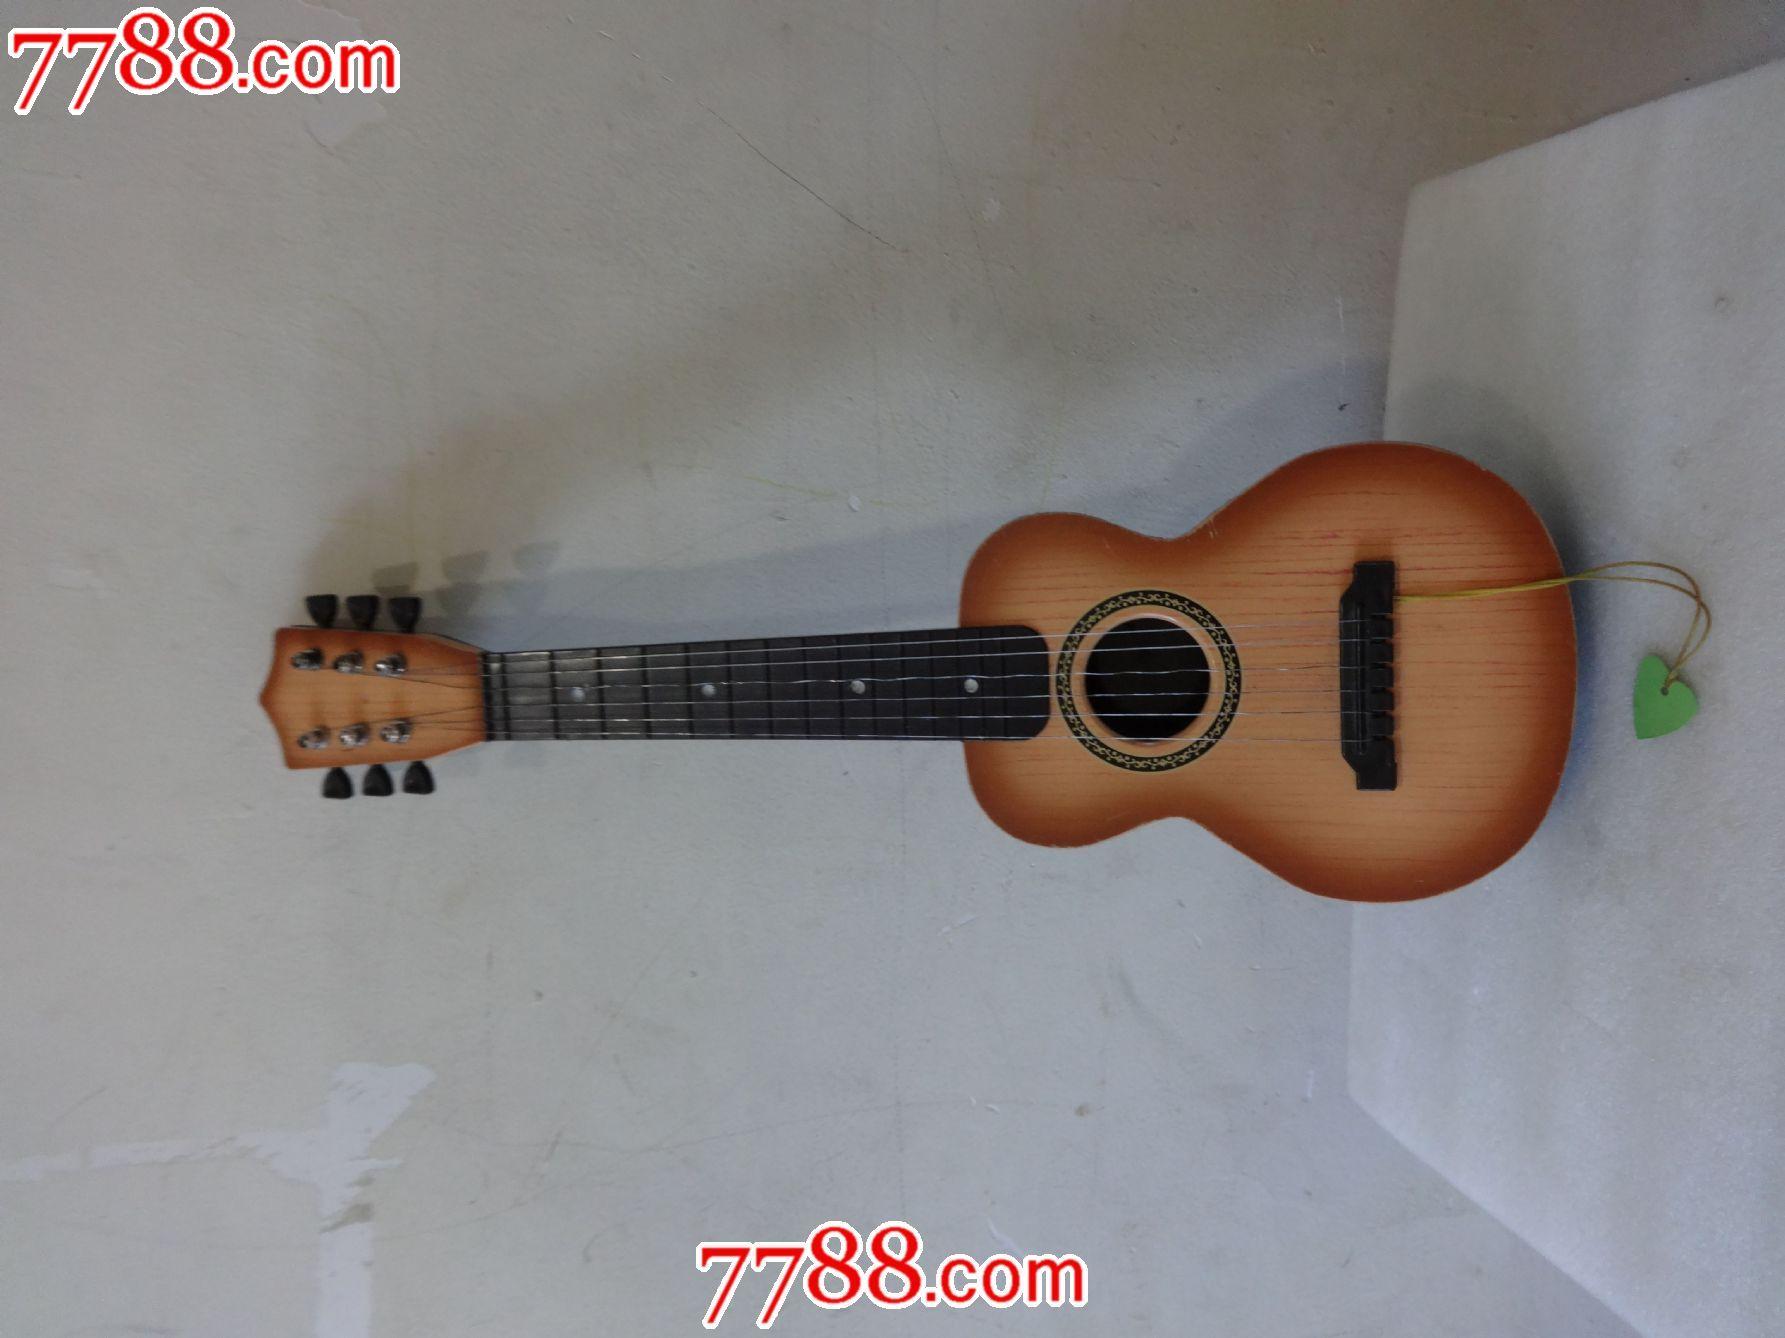 六弦琴(小吉他)图片